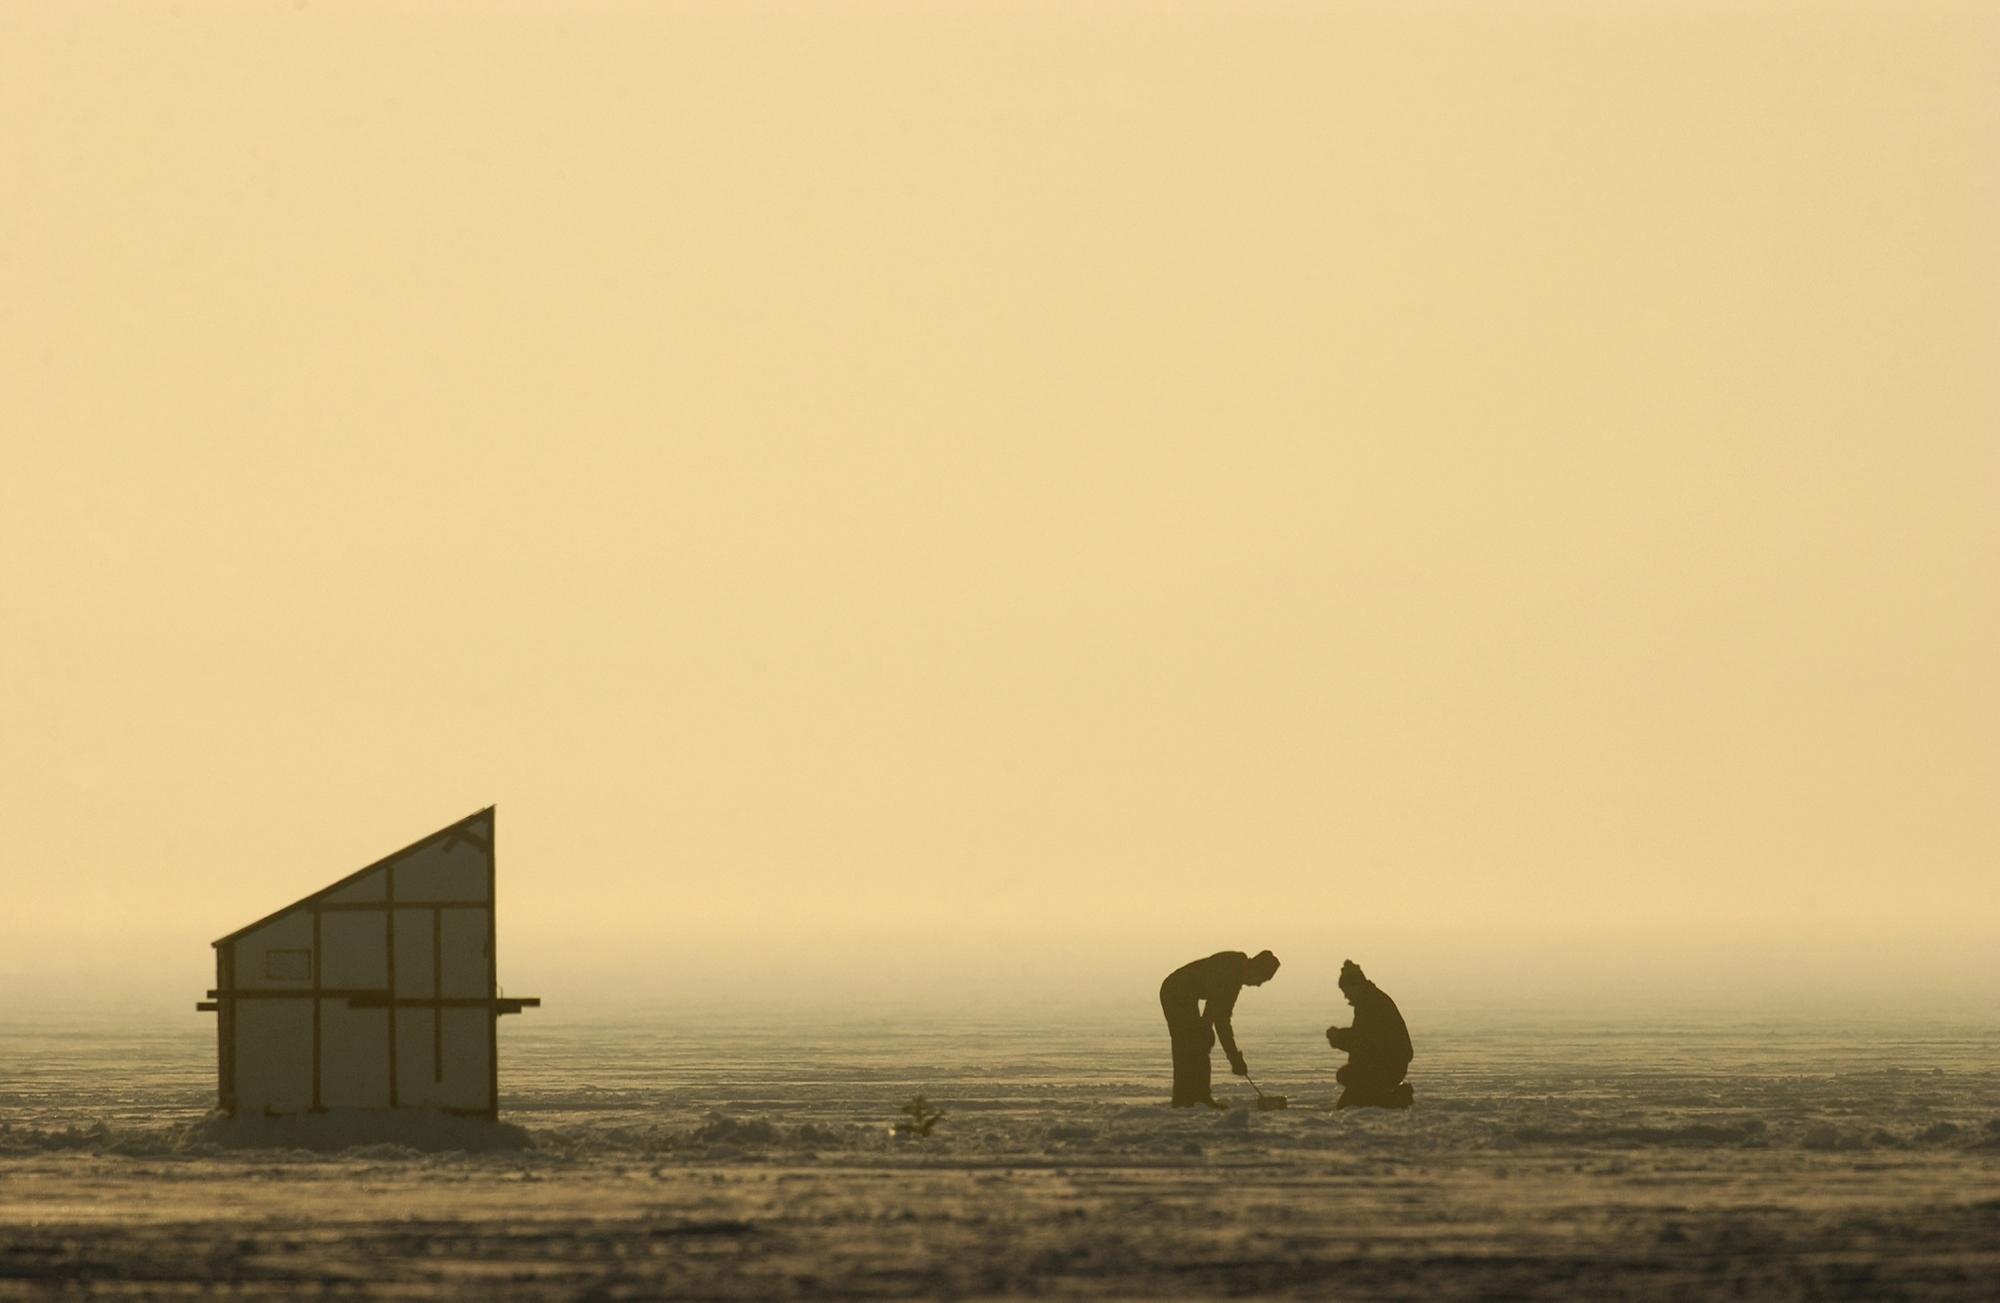 A beautiful Michigan ice fishing scene.